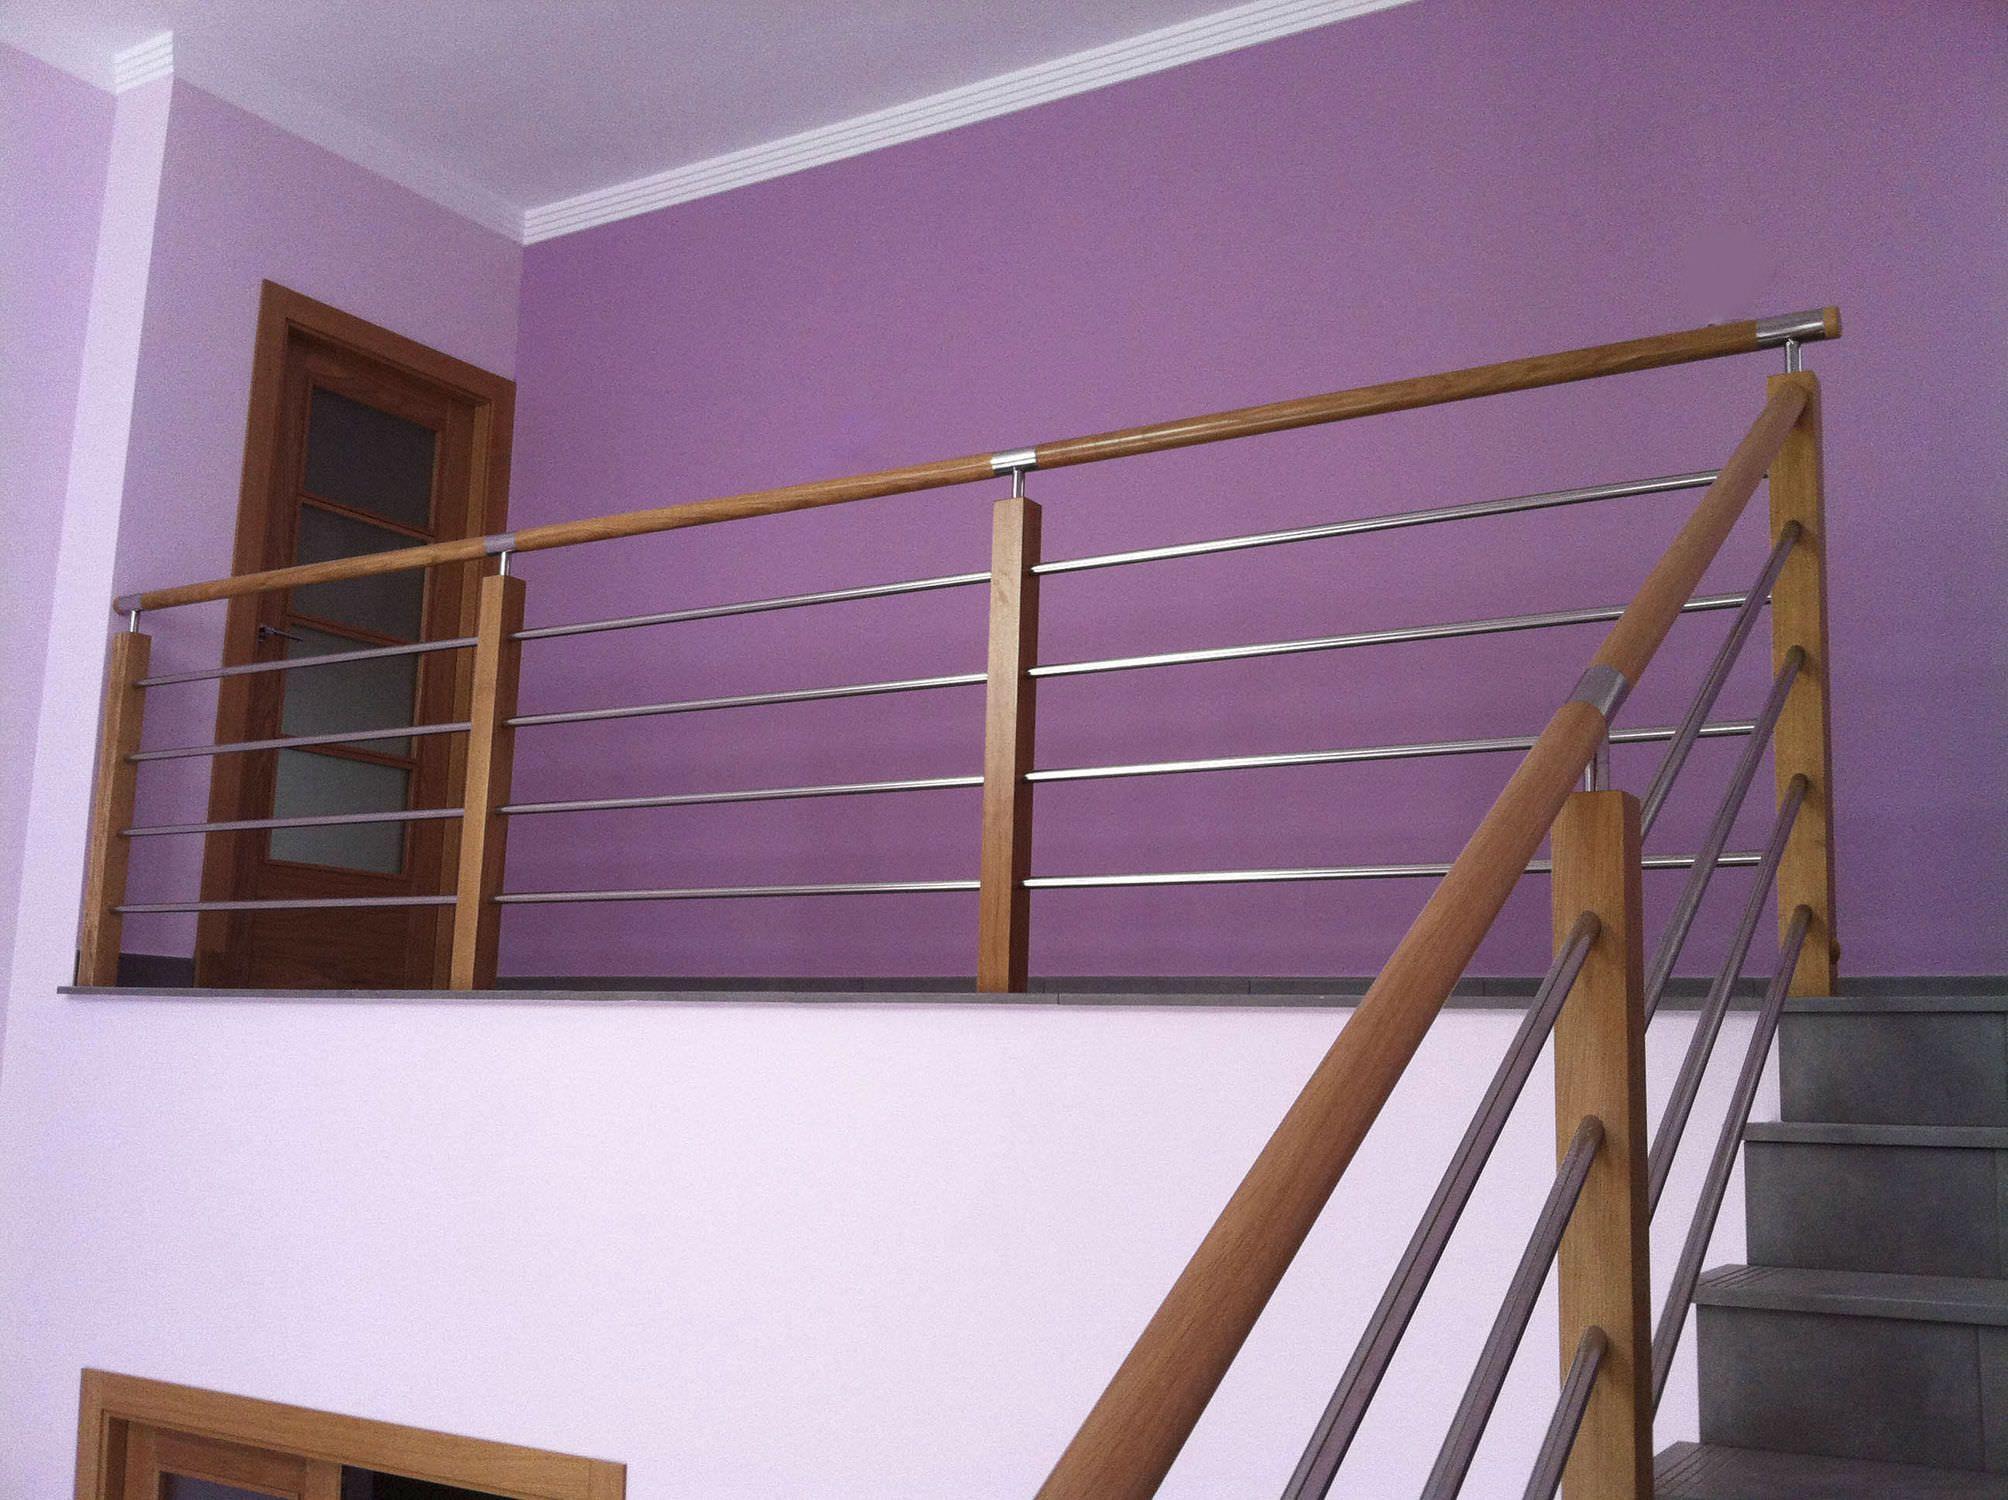 barandilla de interior de madera de acero inoxidable con barrotes mistral escaleras yuste